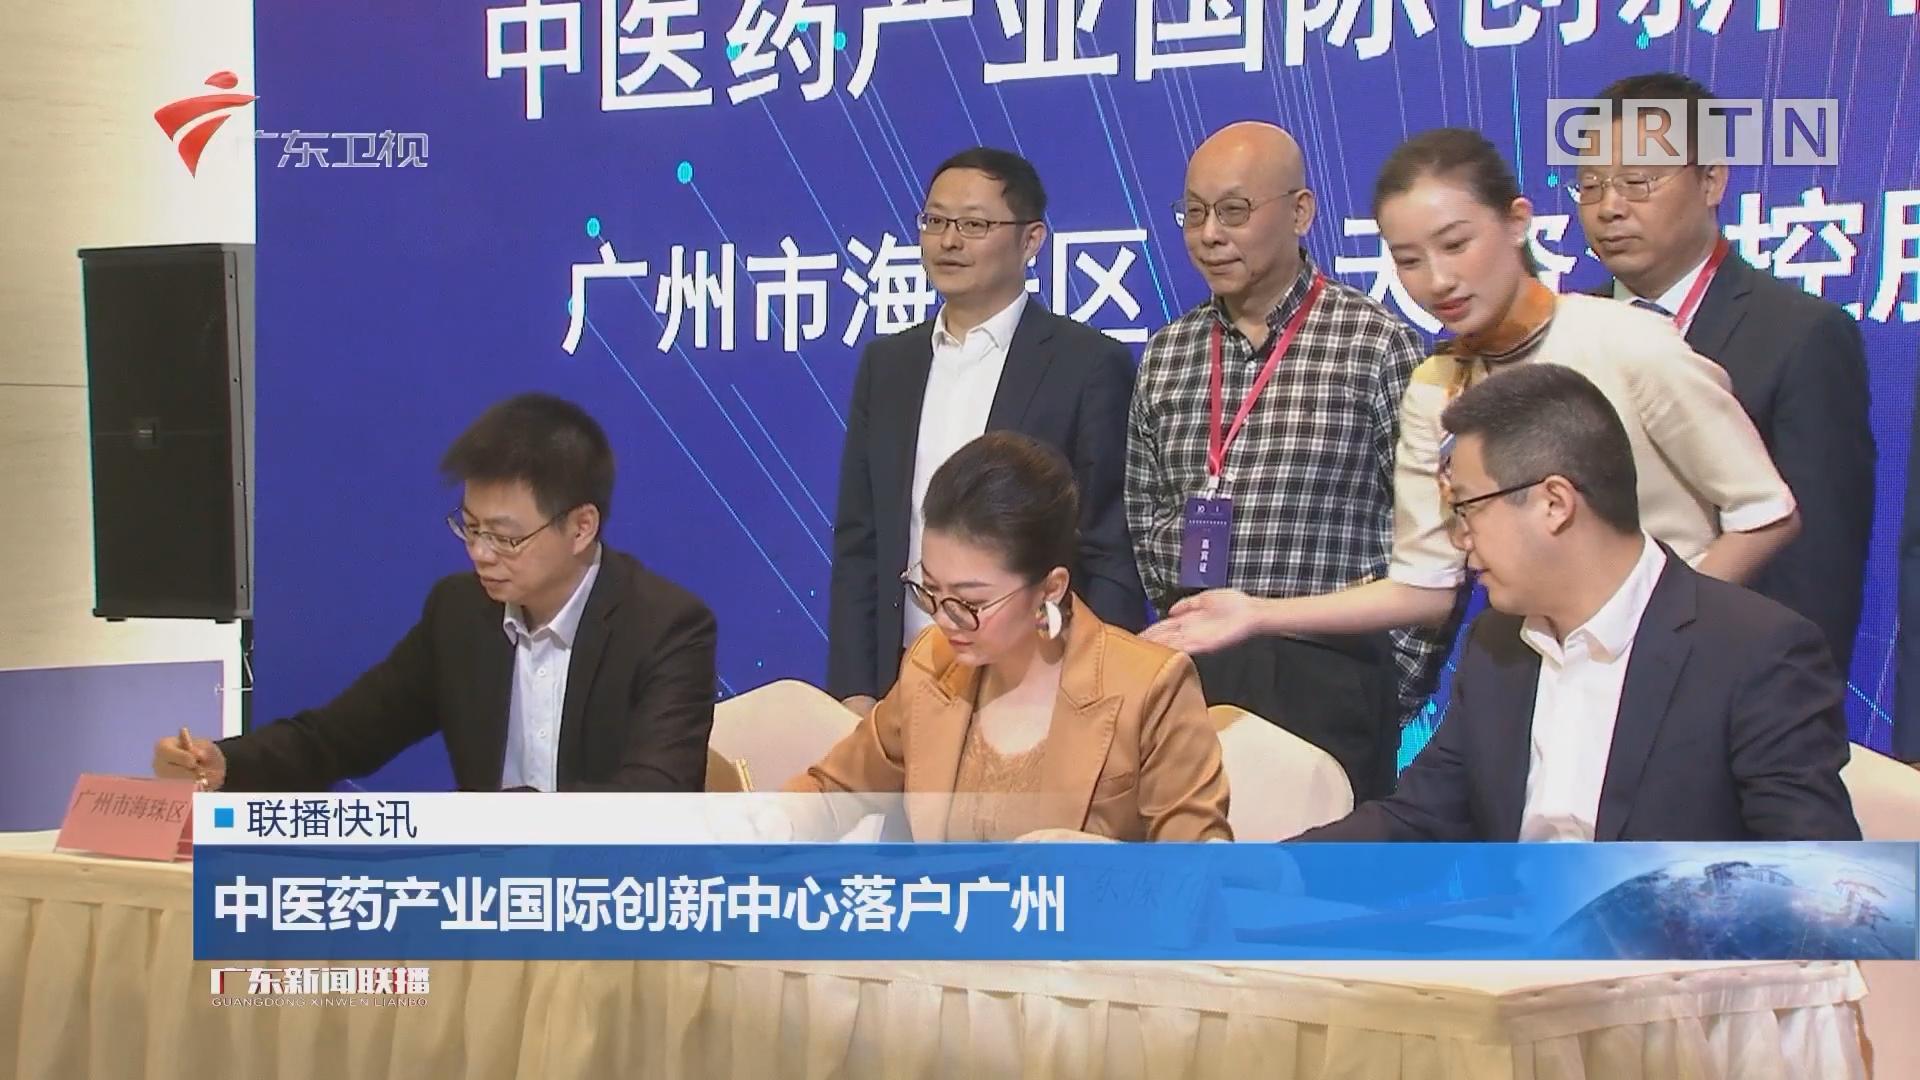 中医药产业国际创新中心落户广州